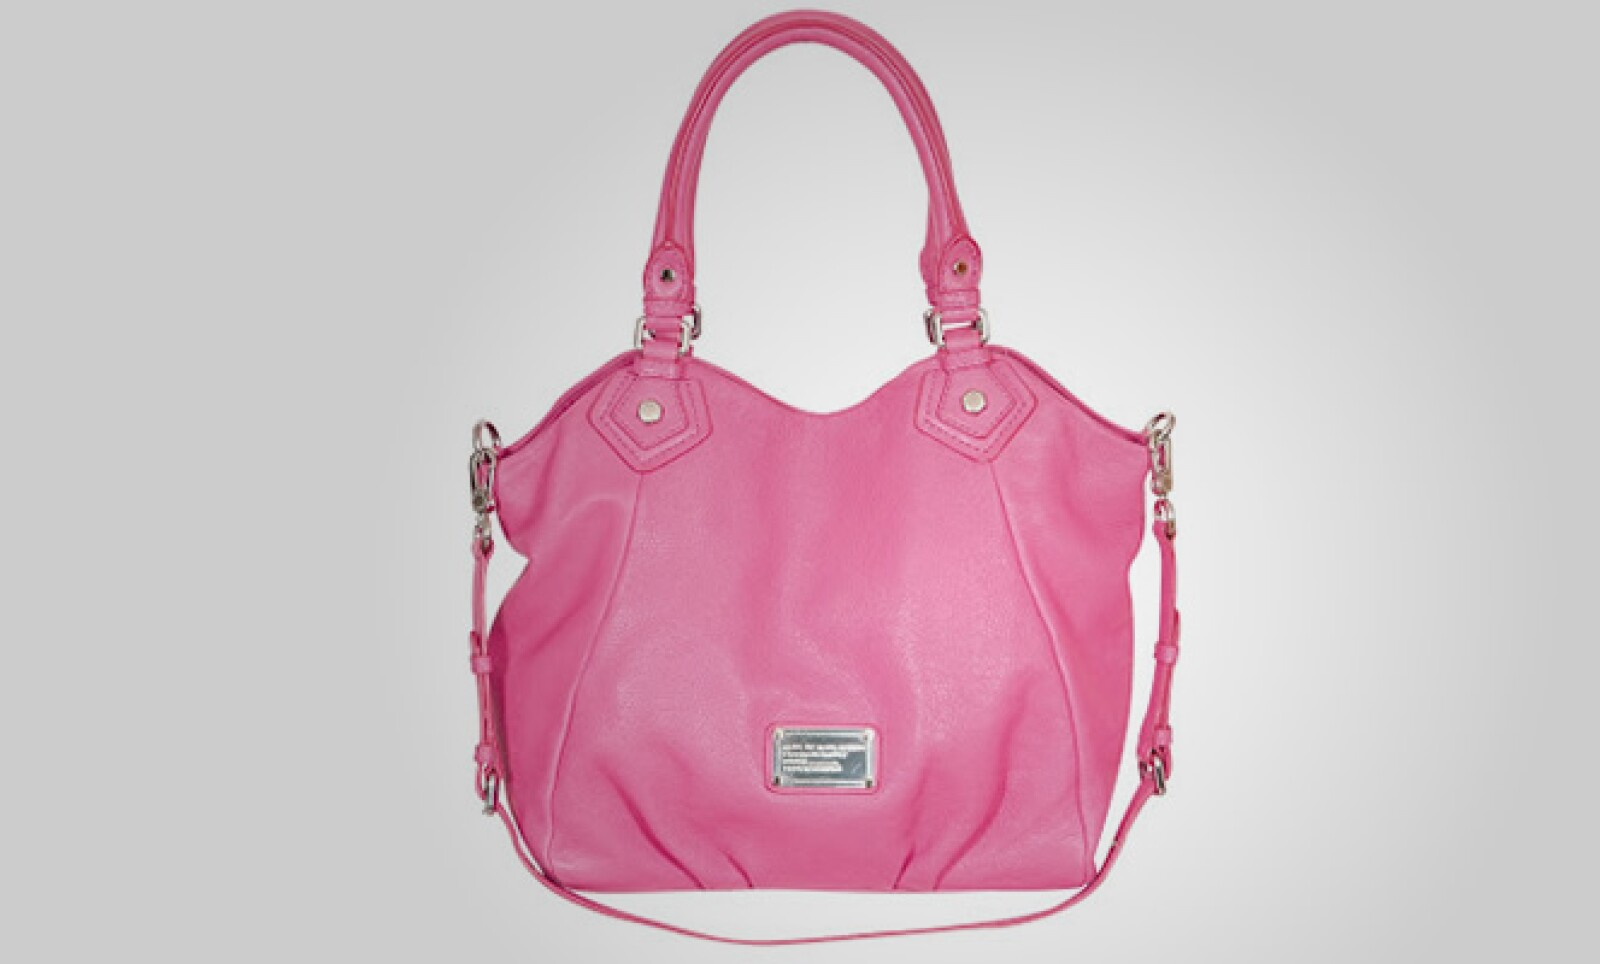 El tono rosa se mantiene con una tendencia para algunos accesorios.